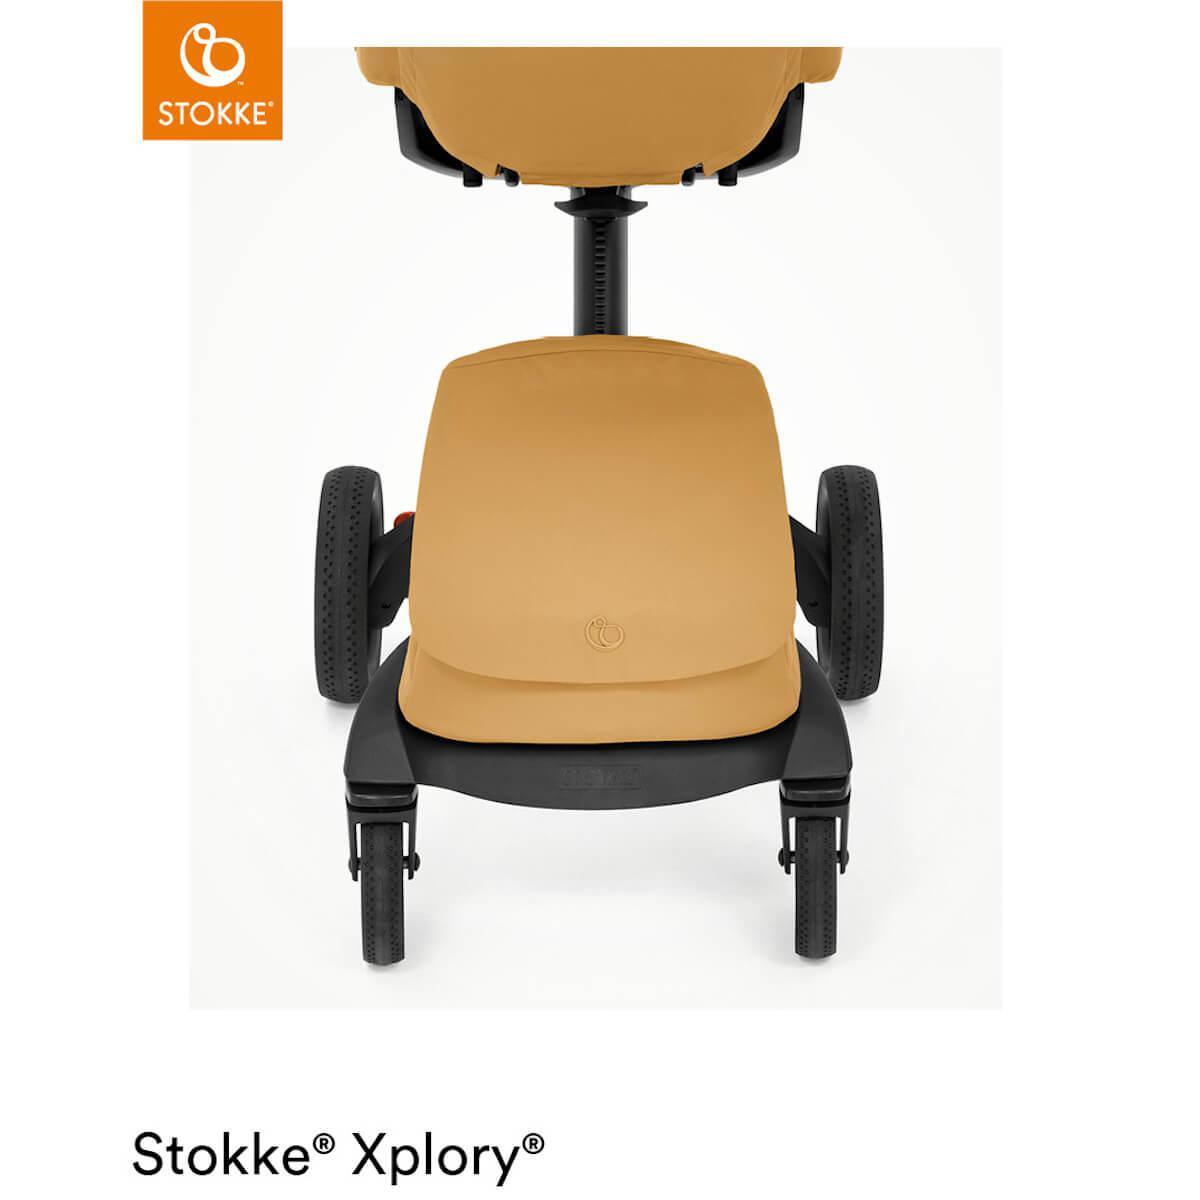 Kinderwagen XPLORY X Stokke Golden Yellow